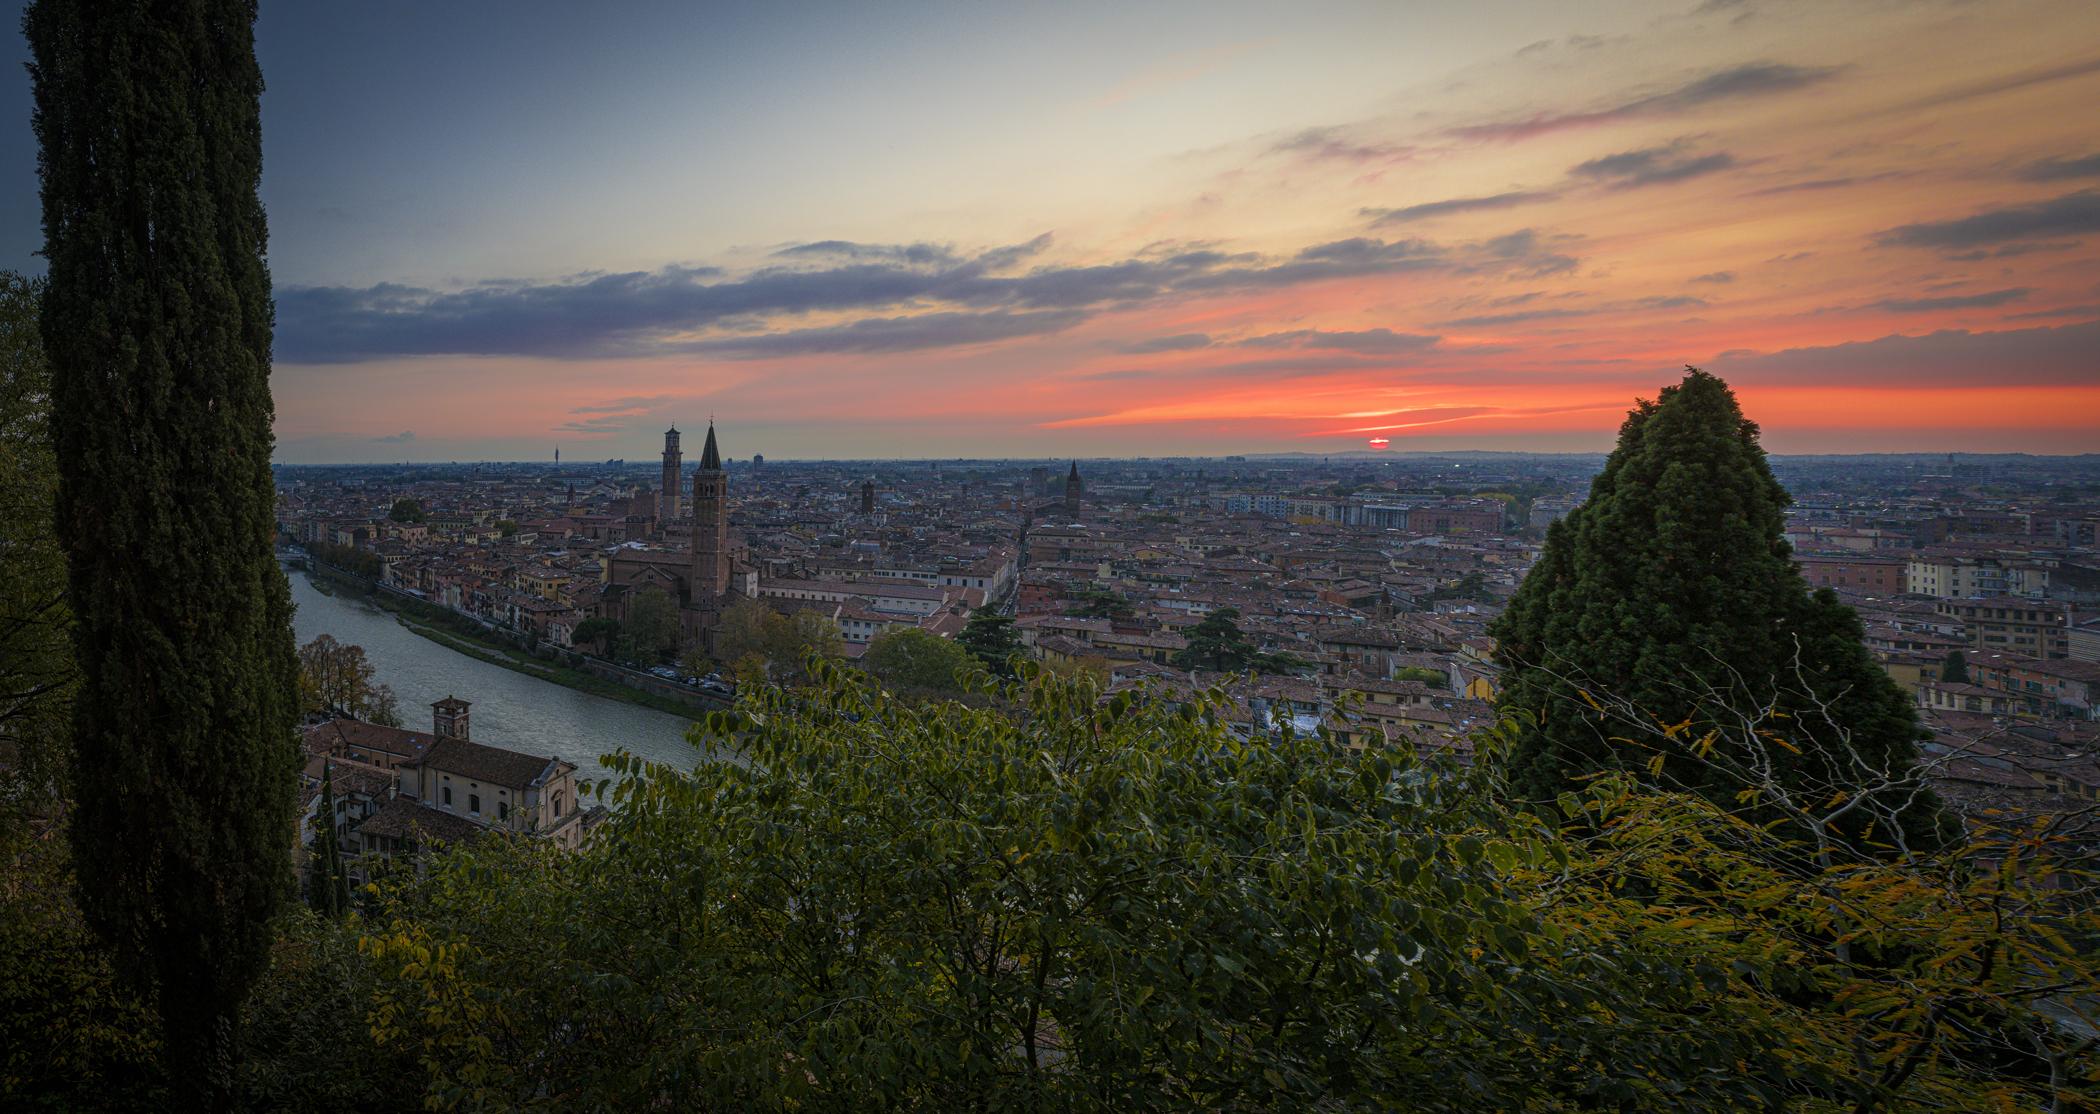 verona 5 - Verona (VR)